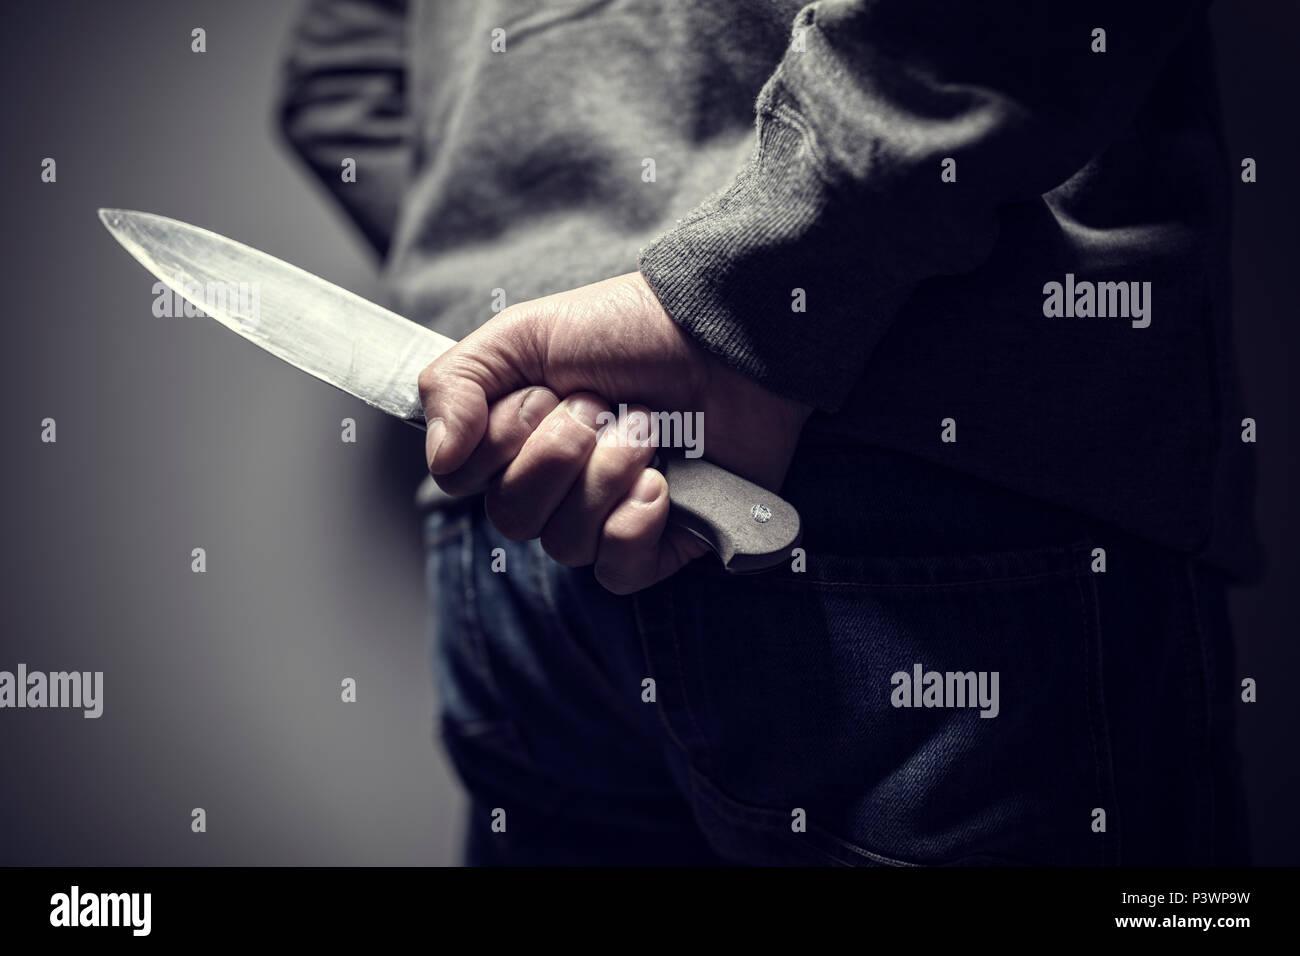 Kriminelle Mit Messer Waffe Hinter Seinem Rucken Versteckt Stockfoto